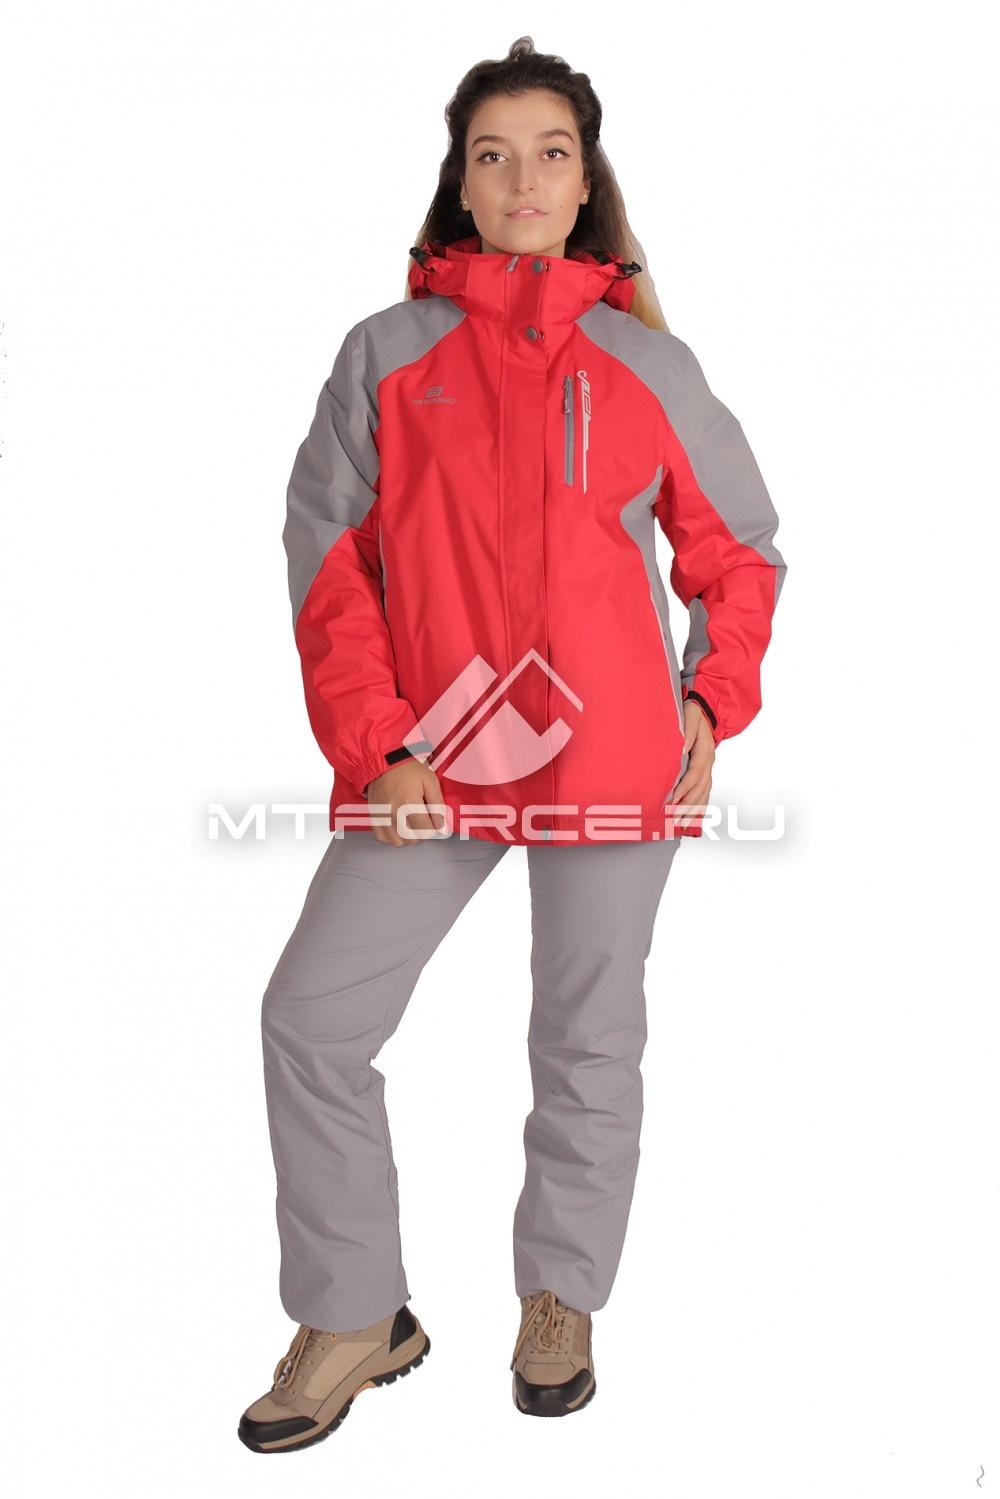 Купить                                  оптом Костюм большого размера женский красного цвета 01762Kr